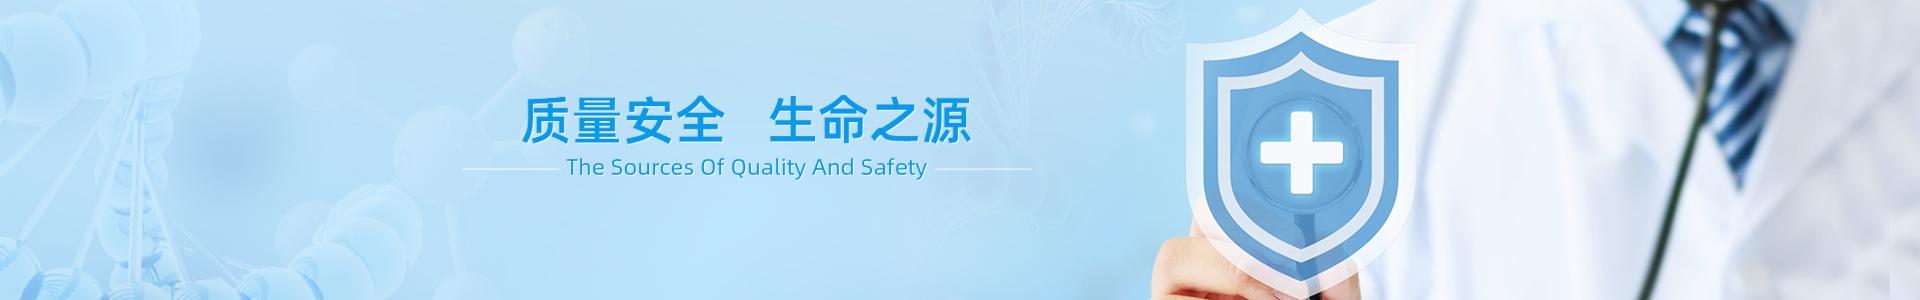 迈杰质量安全 生命之源